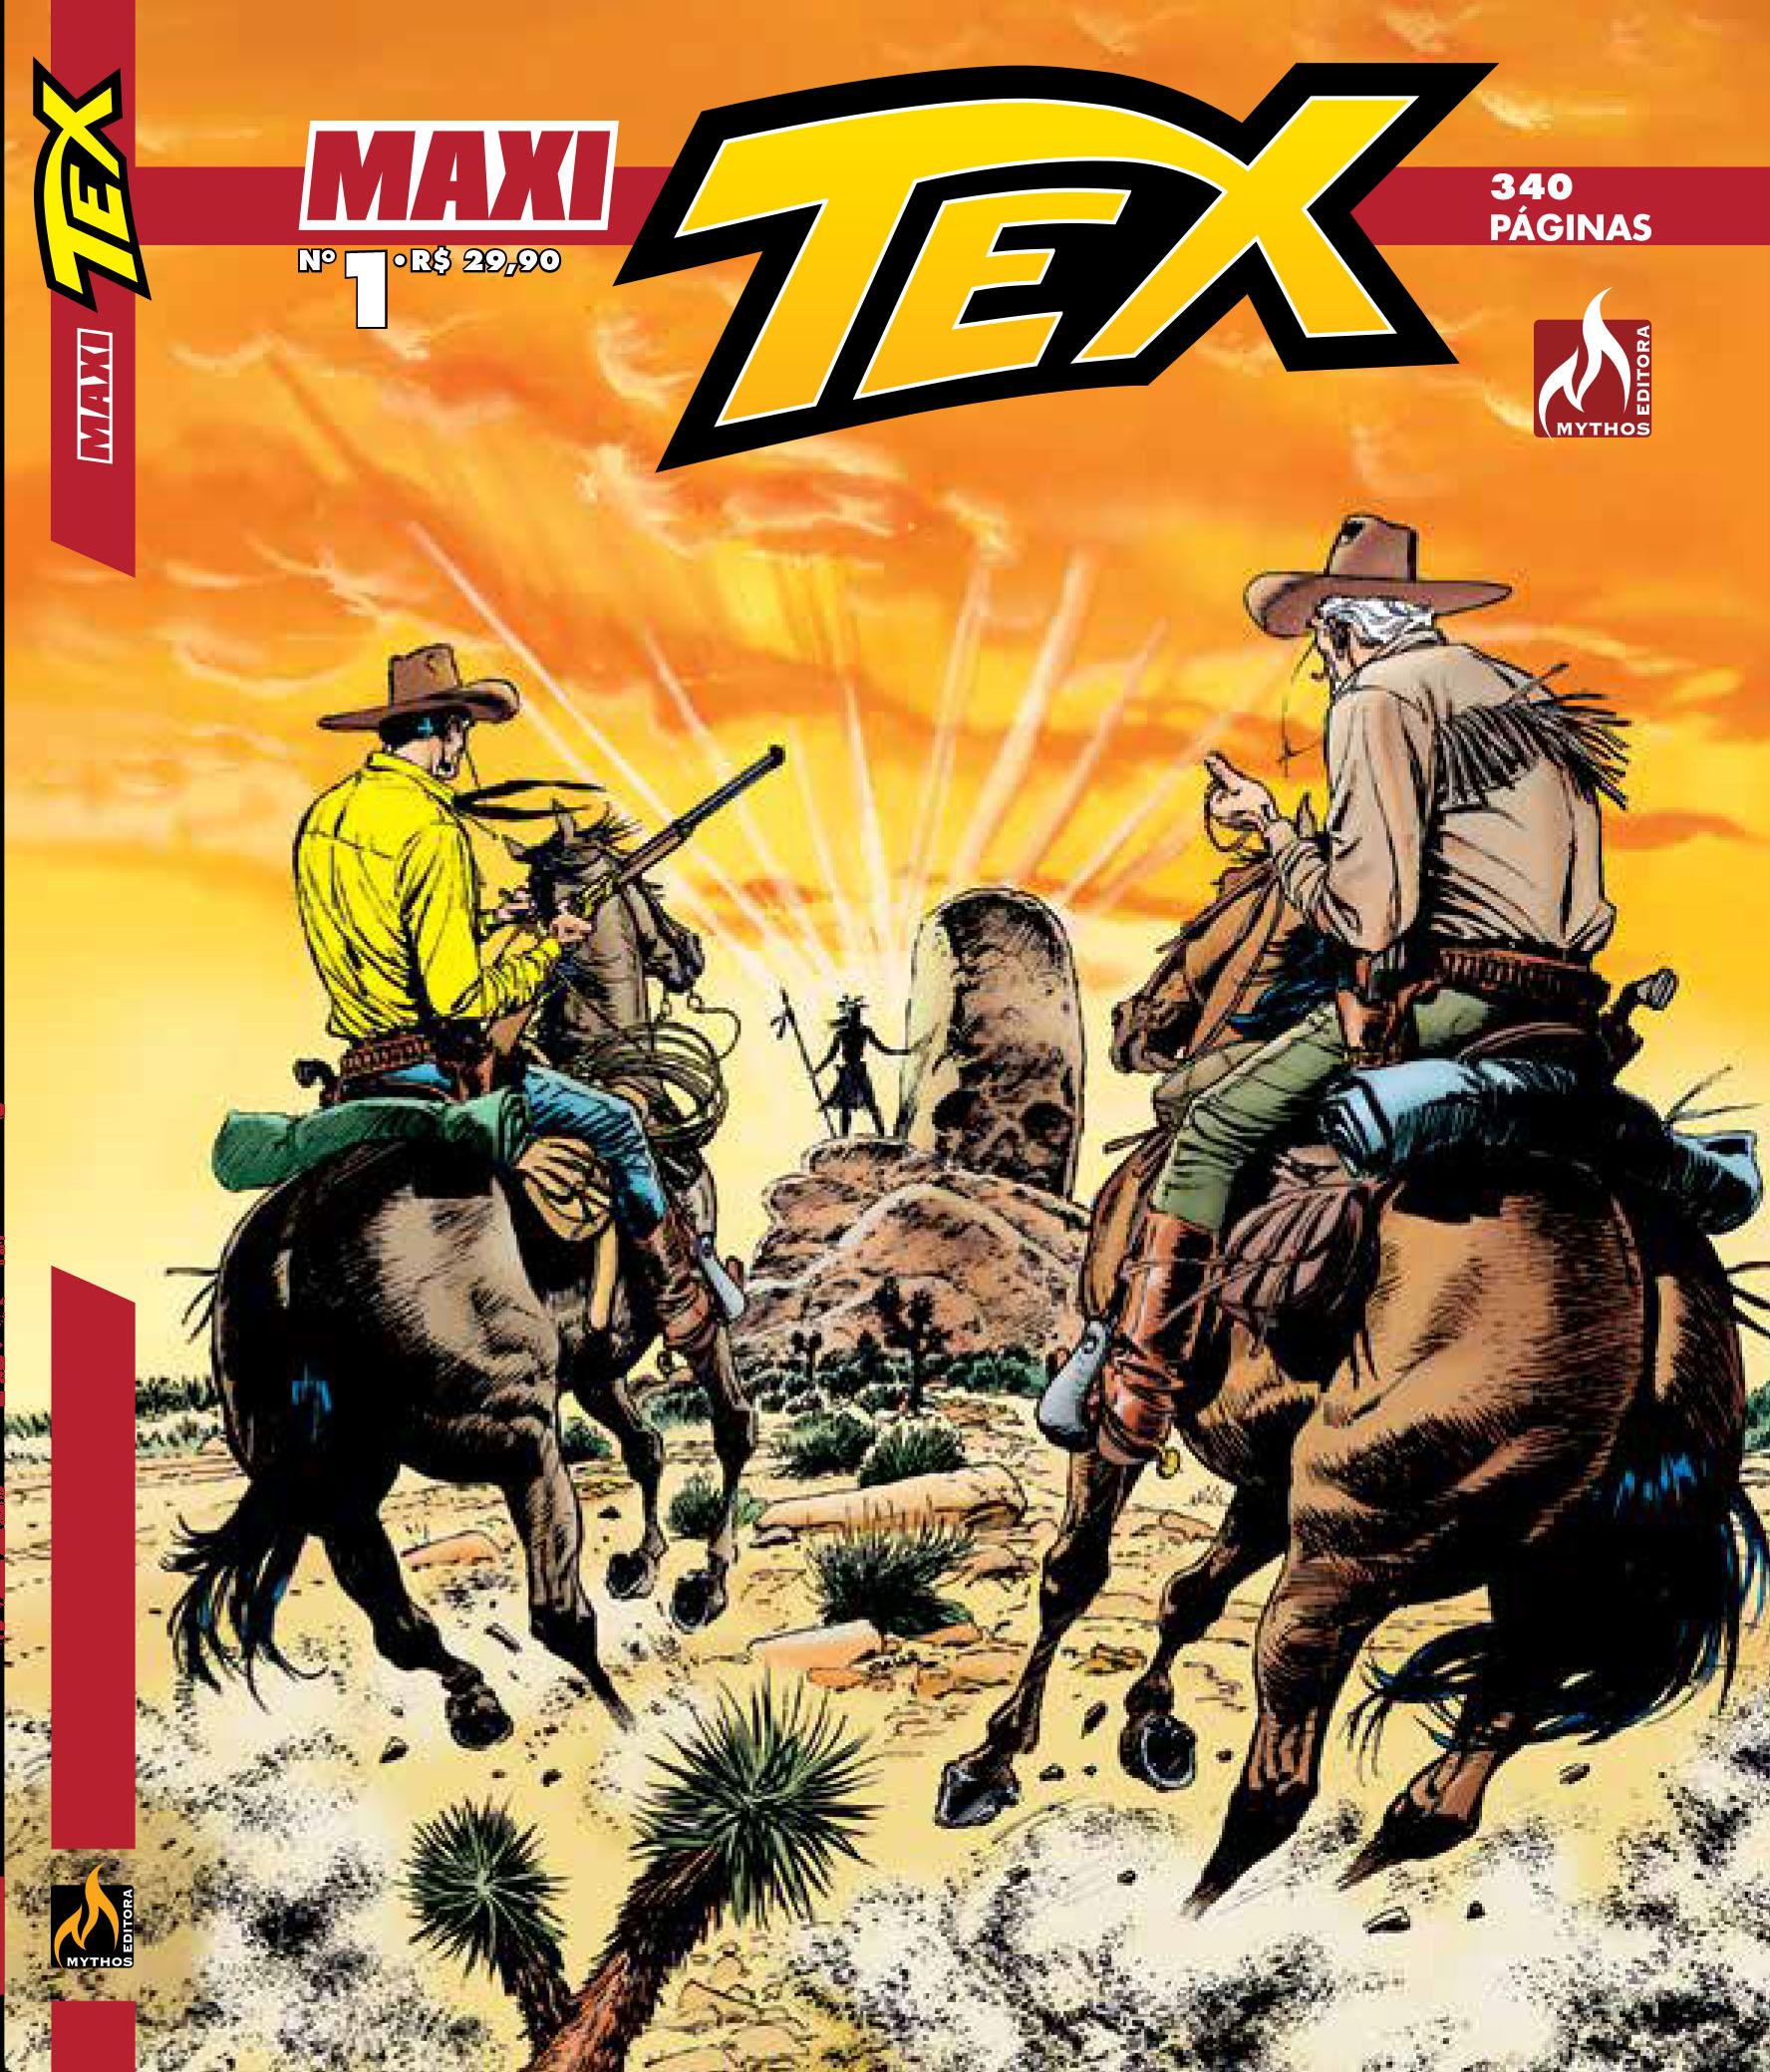 MAXI TEX N° 001